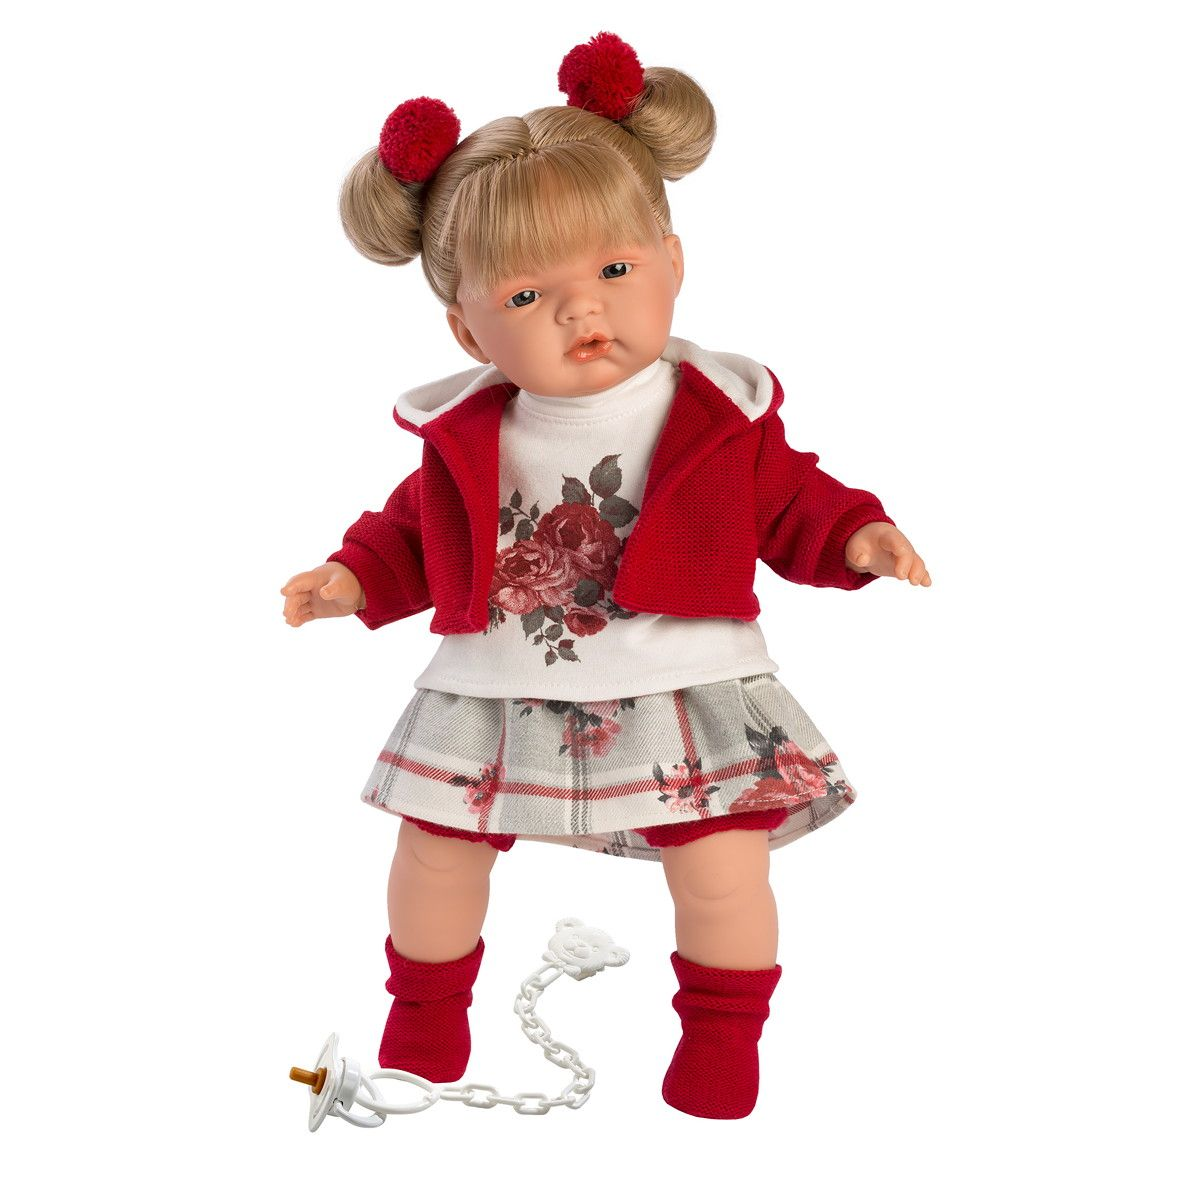 Купить Интерактивная кукла - Жоель, 38 см, со звуком, Llorens Juan